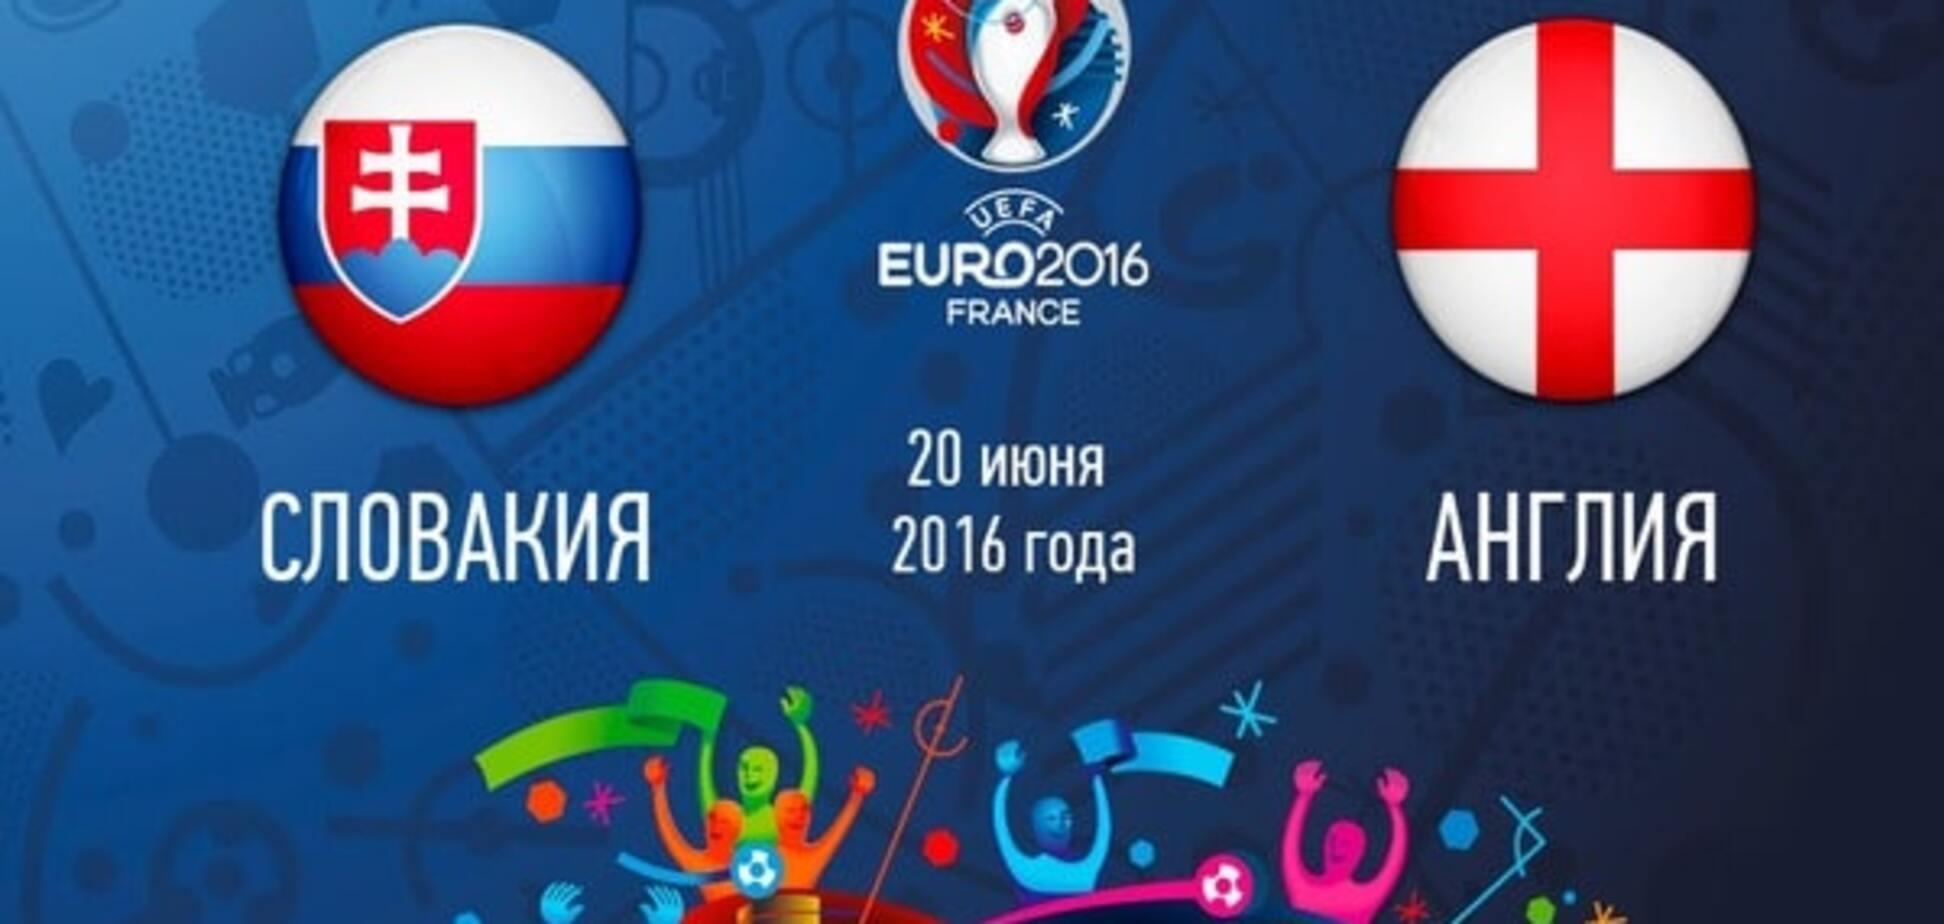 Евро-2016. Словакия - Англия: прогноз букмекеров, где смотреть матч